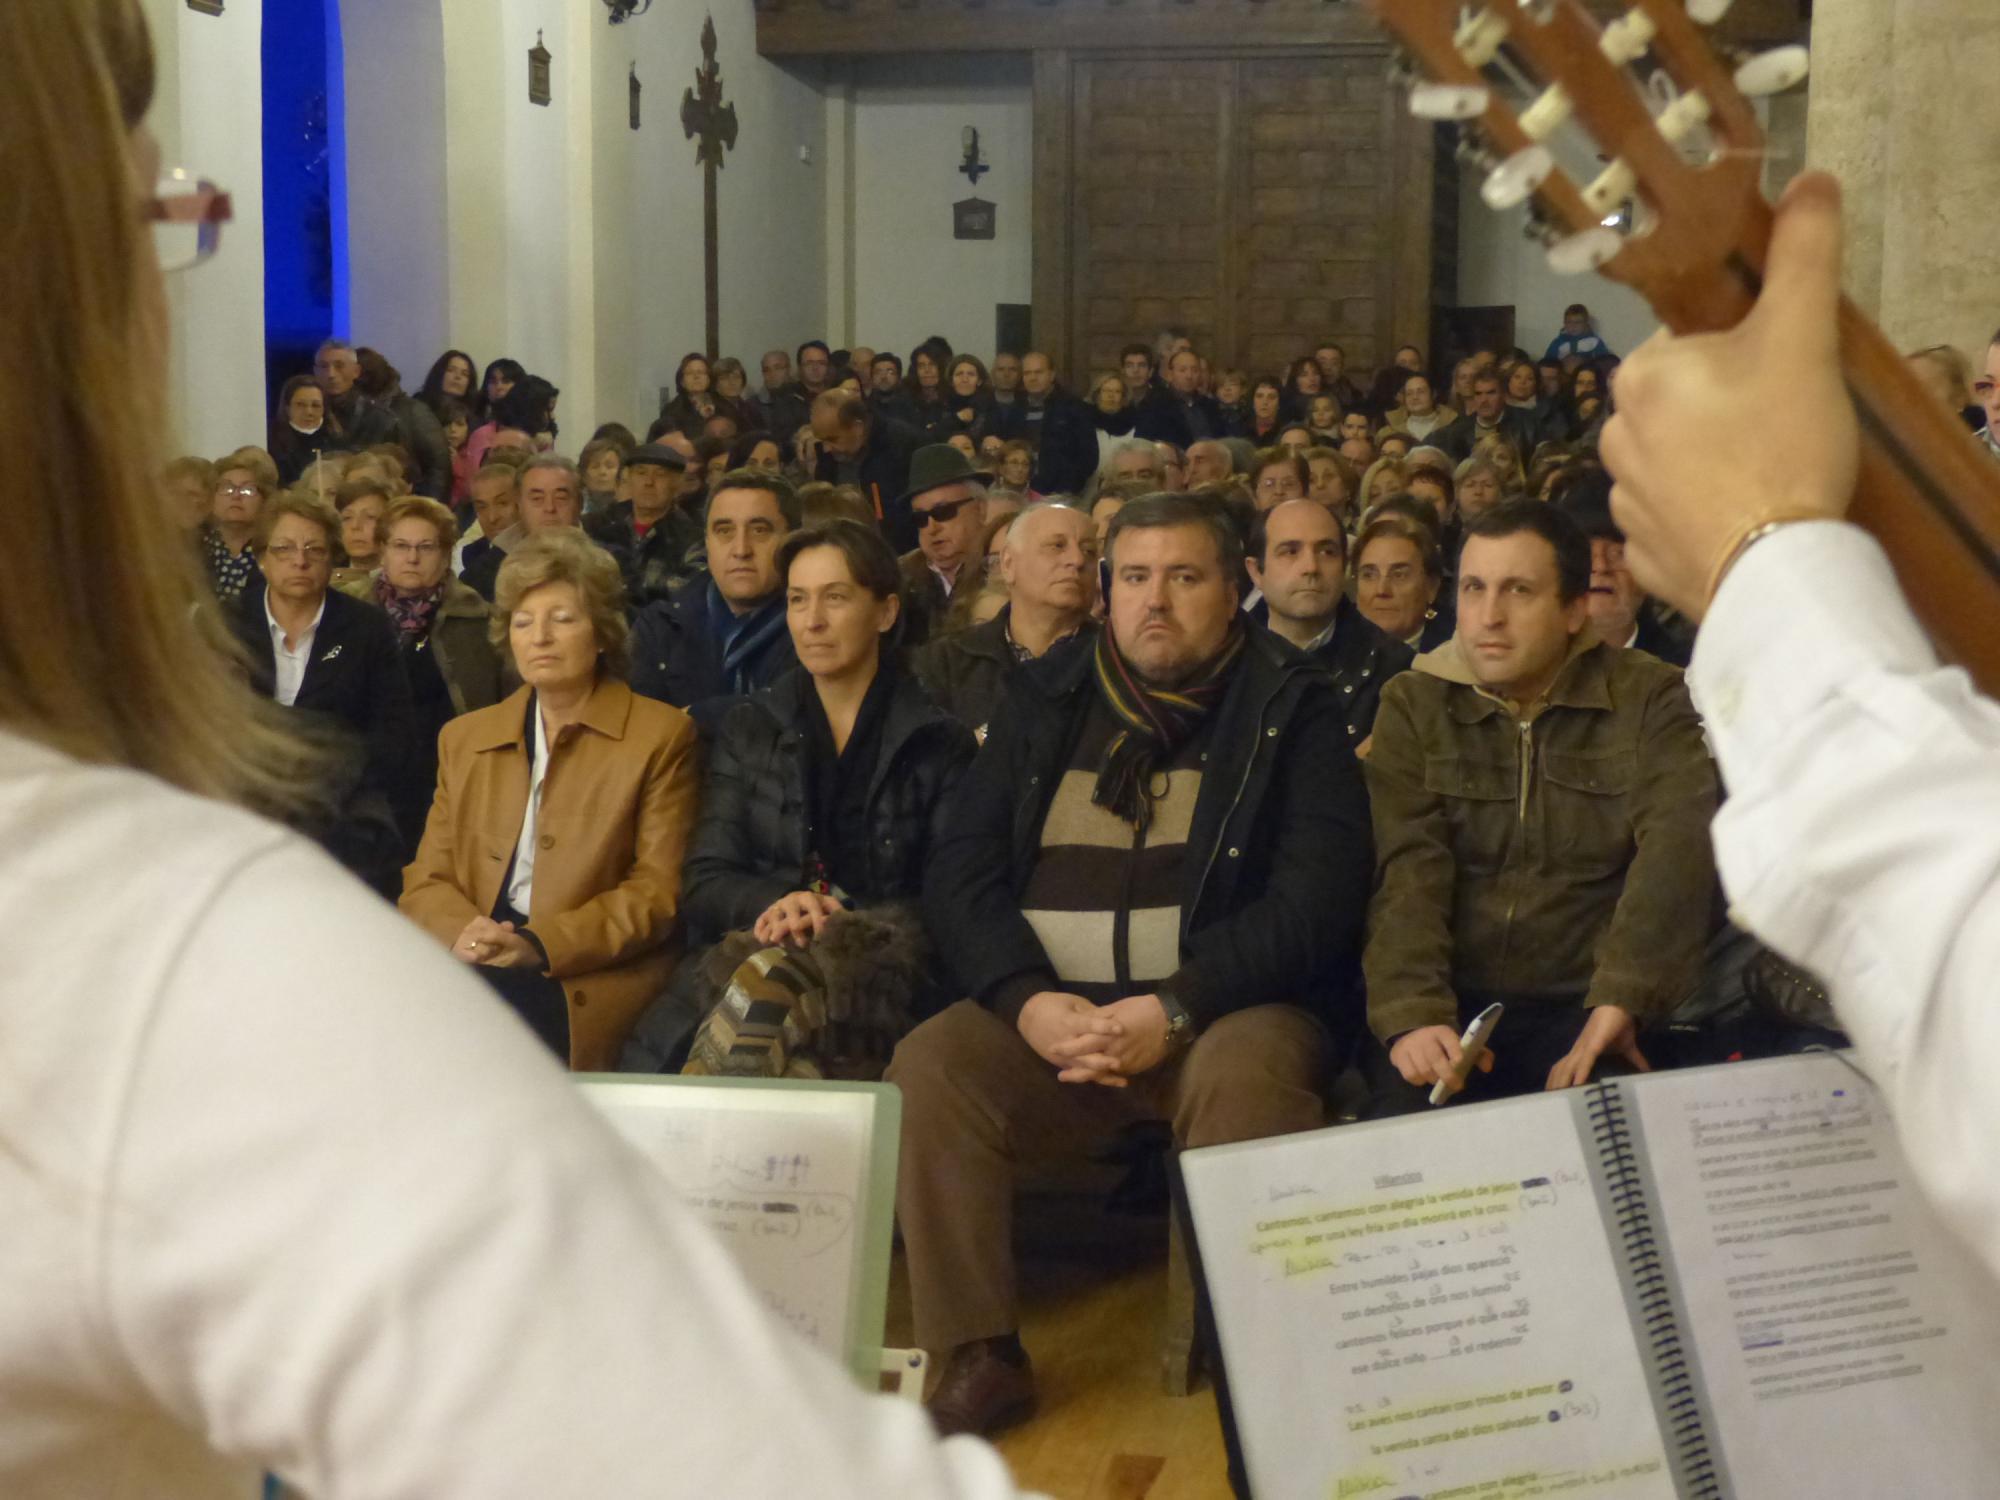 La presidenta de la Diputación anima a los jóvenes a participar activamente para mantener nuestras tradiciones